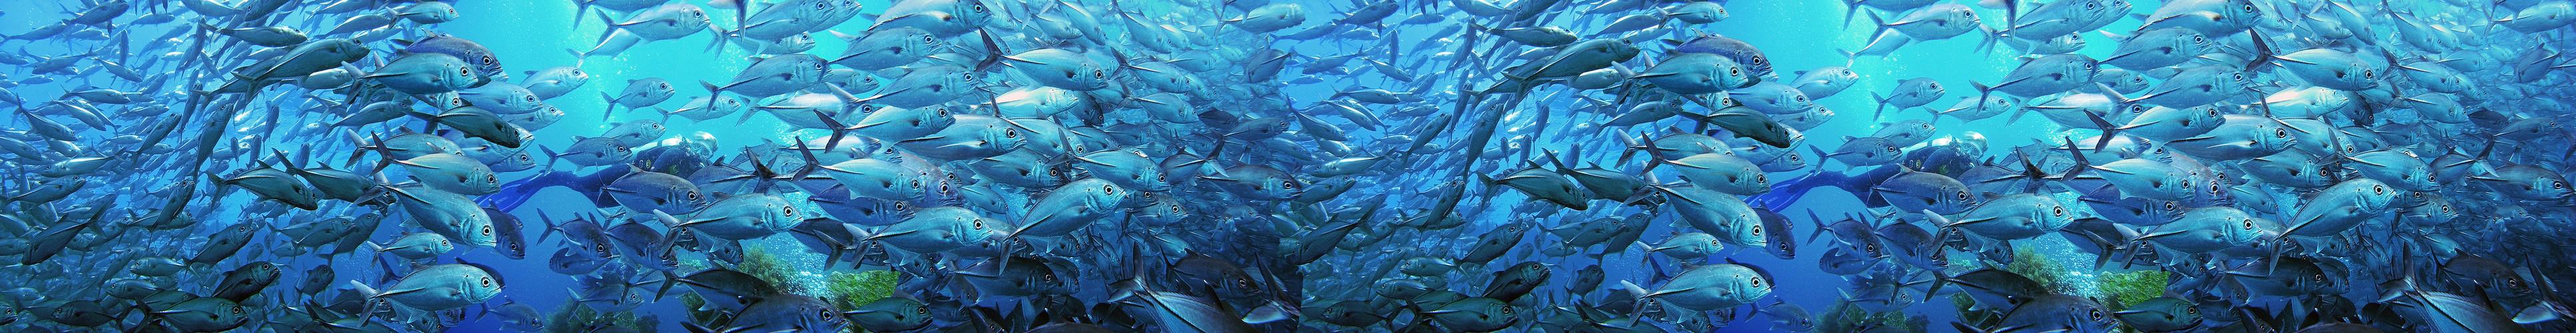 Makrelenschwarm Indischer Ozean